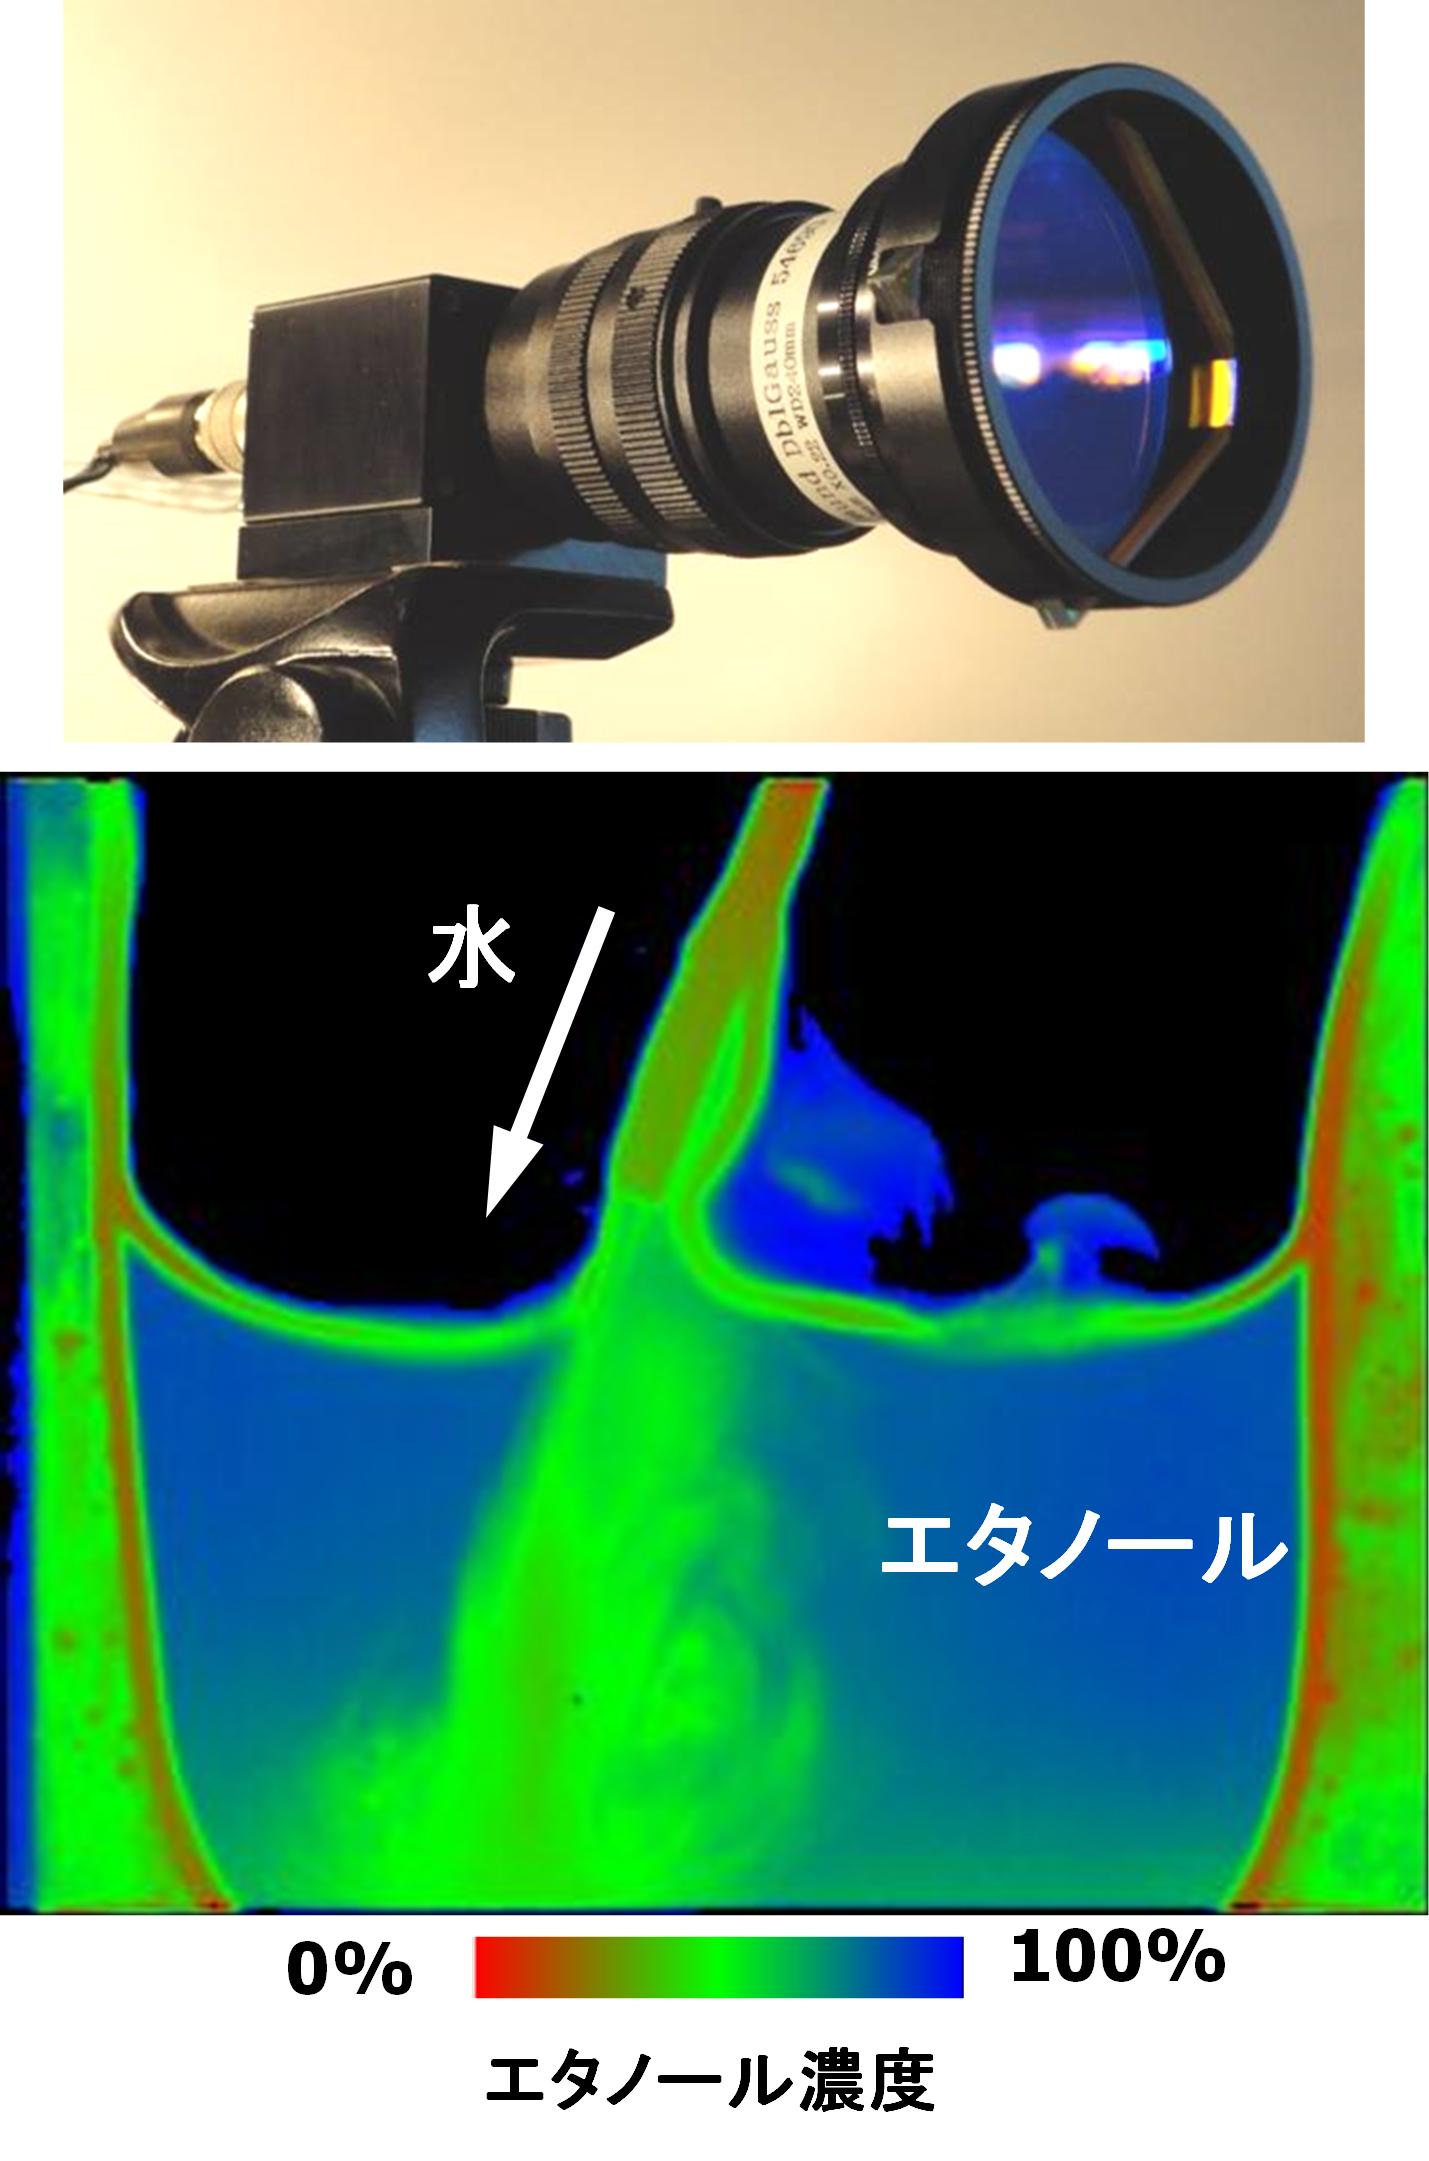 近赤外光を使った液体のイメージング実験